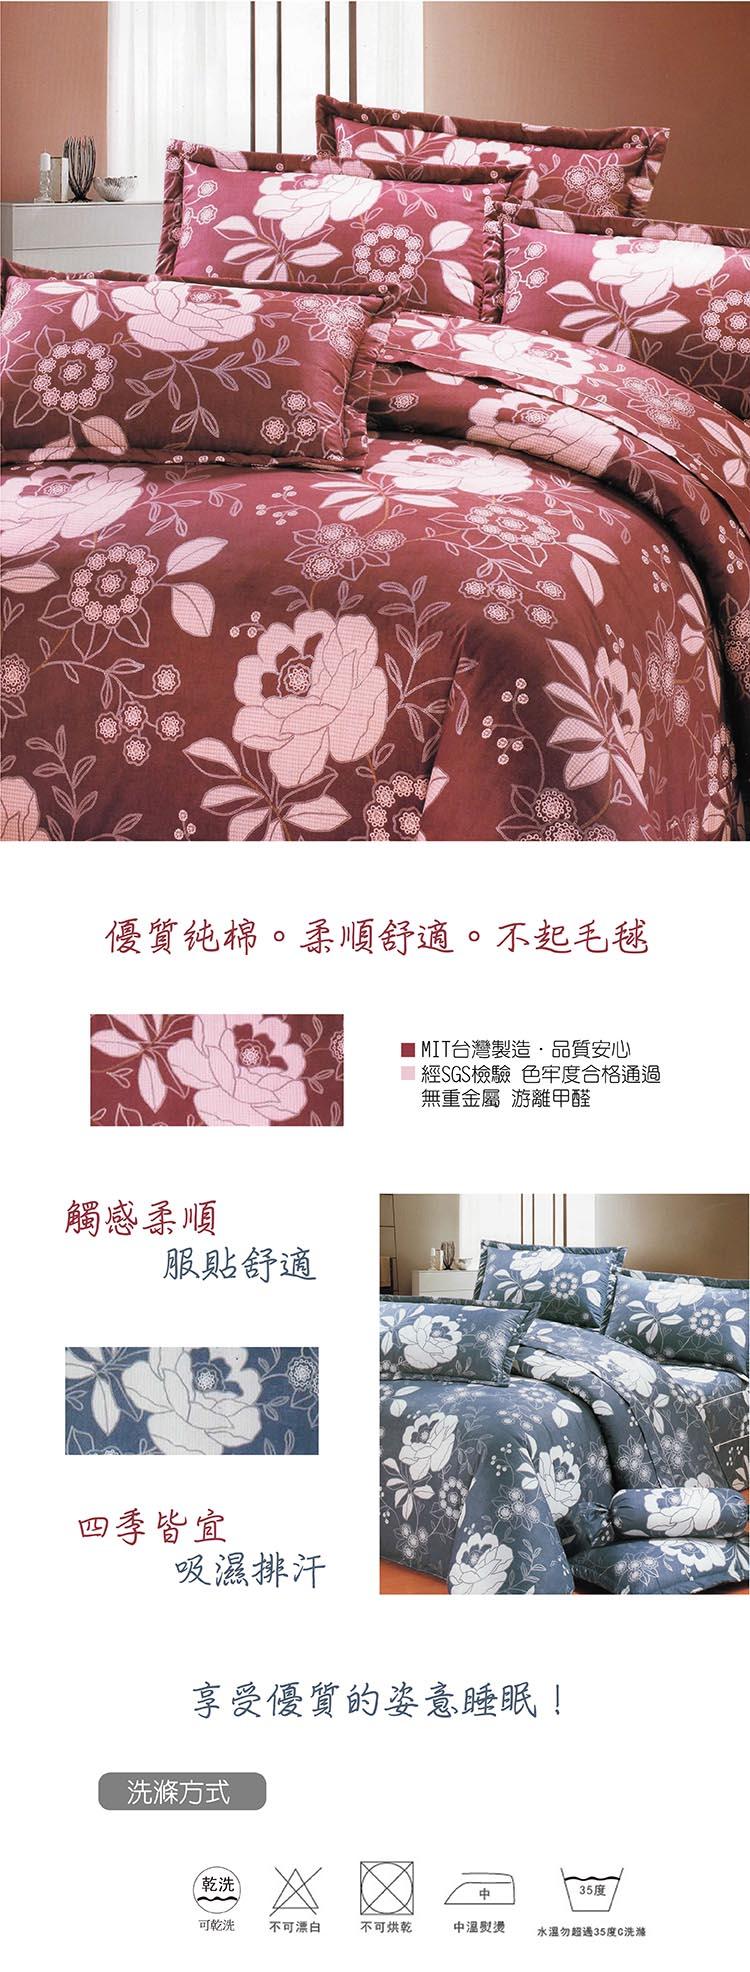 加大雙人7件式床罩組 (大花)【專櫃精品、100%純綿、台灣製】# 寢國寢城 2